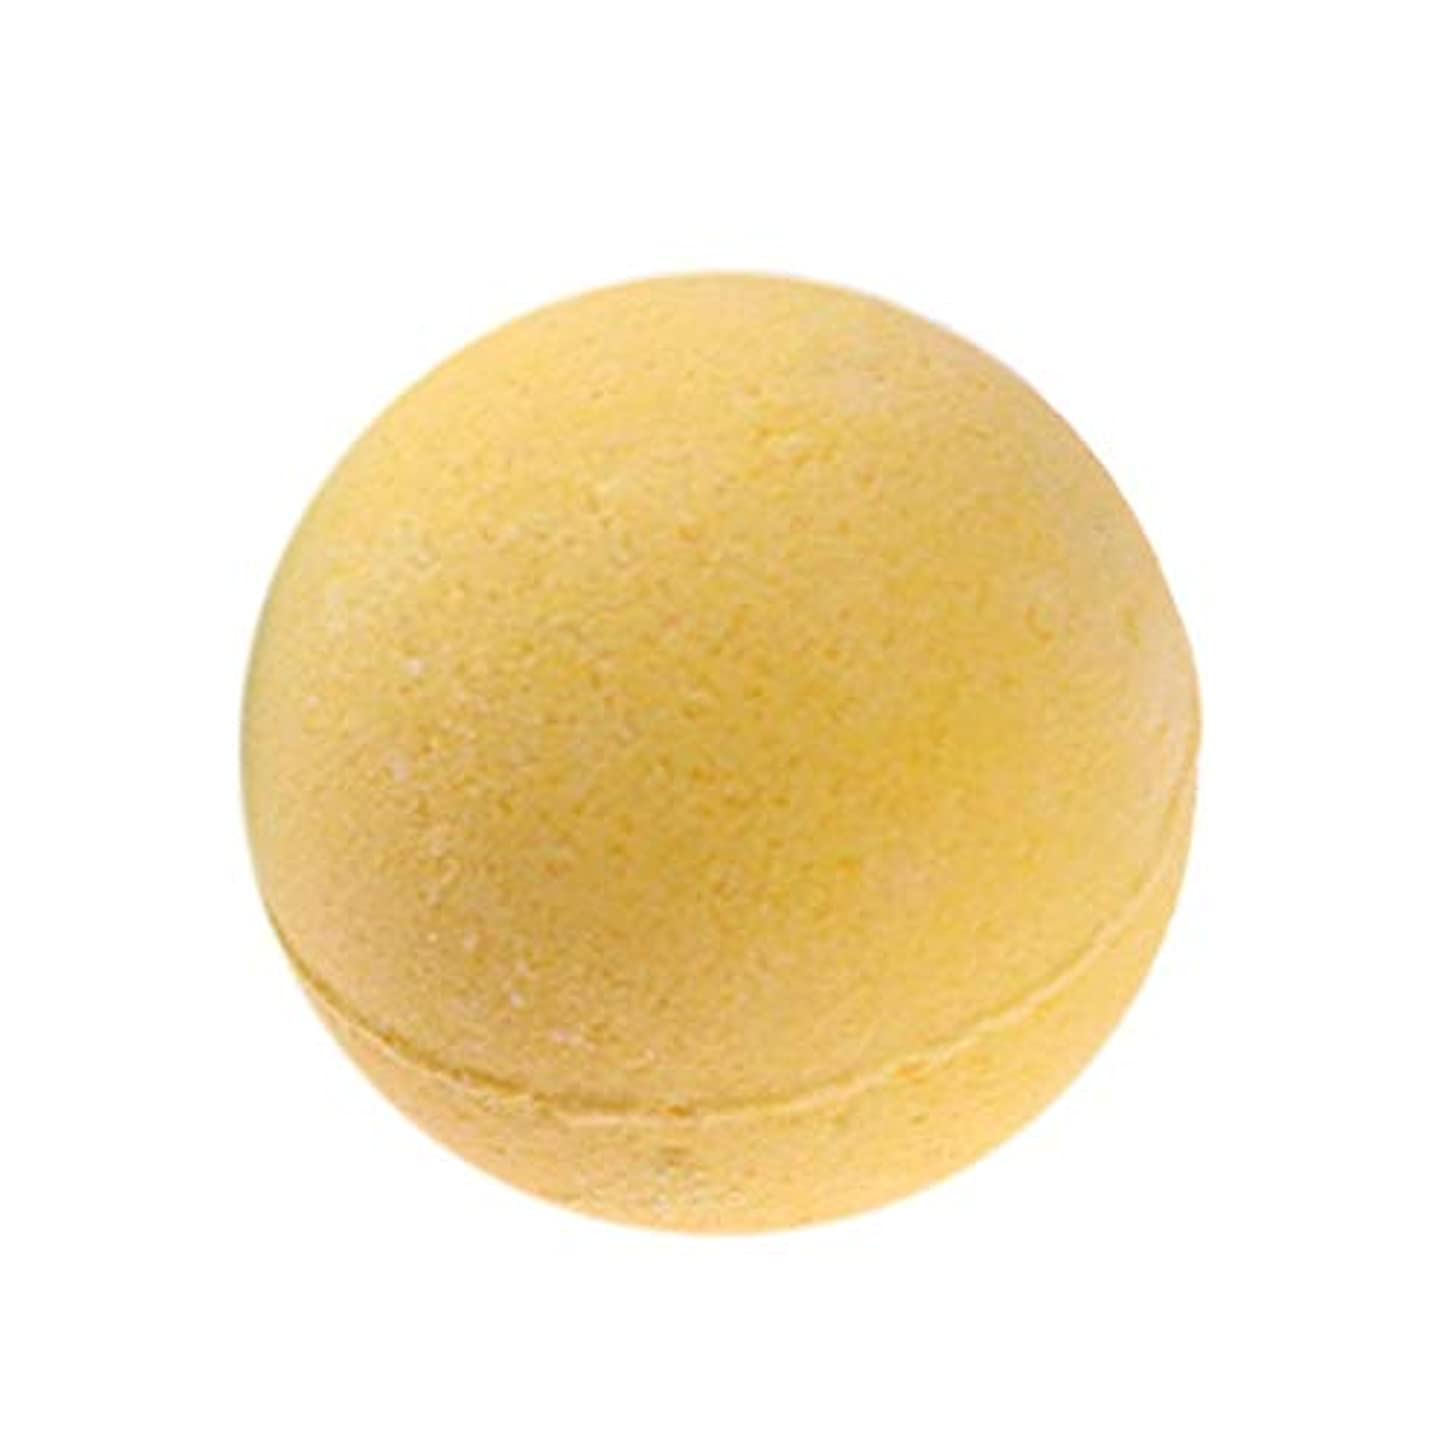 コンパニオンパッチ穏やかなバスボール ボディスキンホワイトニング バスソルト リラックス ストレスリリーフ バブルシャワー 爆弾ボール 1pc Lushandy